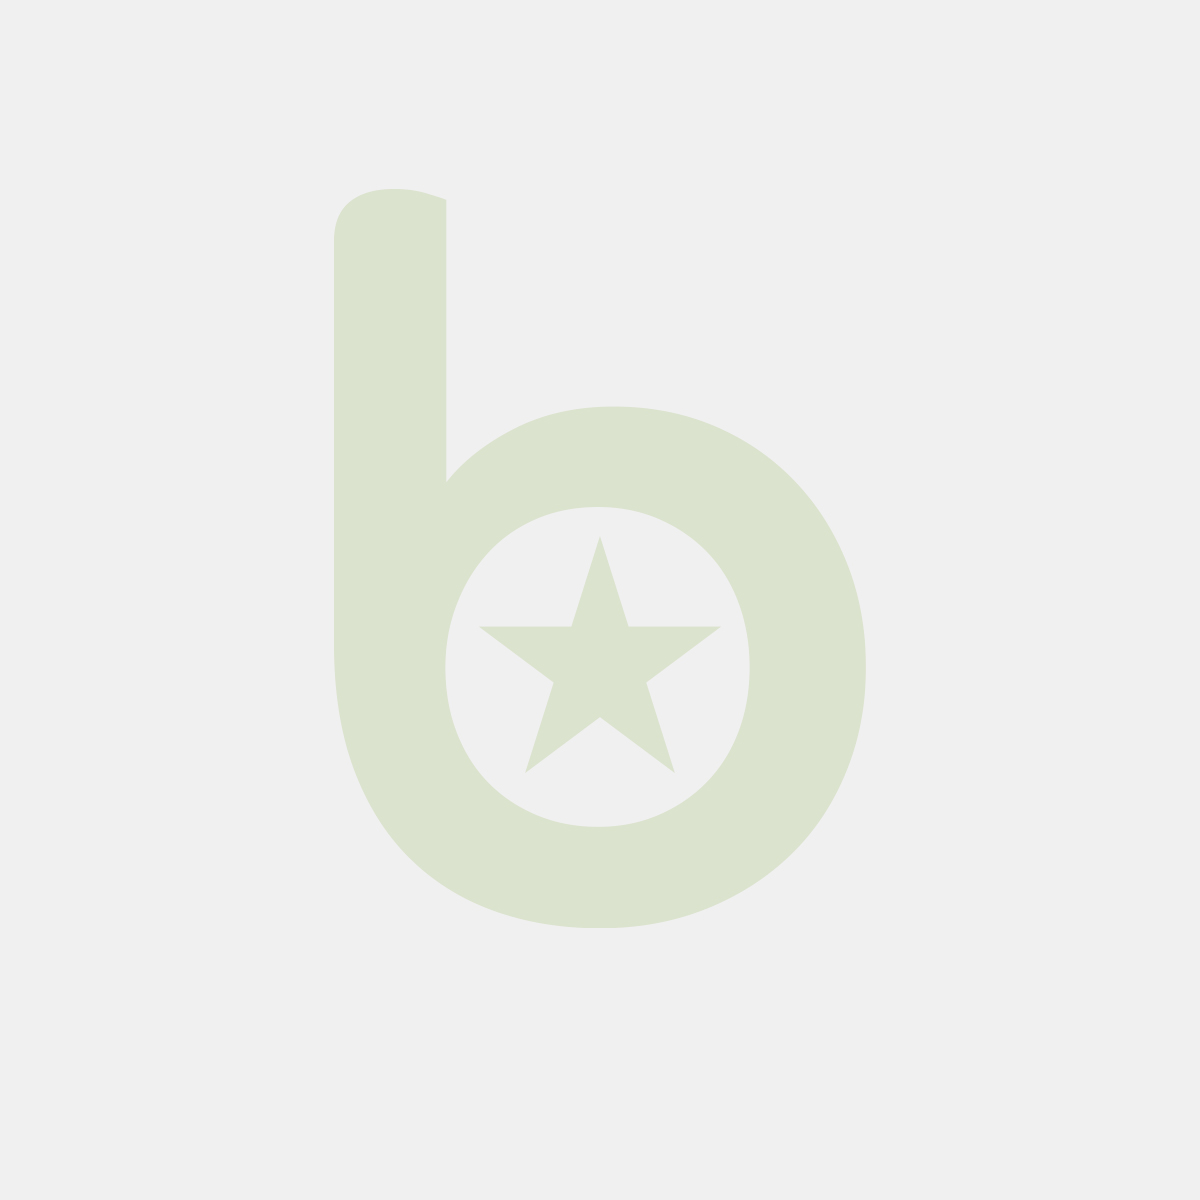 Siatka wędliniarska 12/24/2 EB rolka 50m